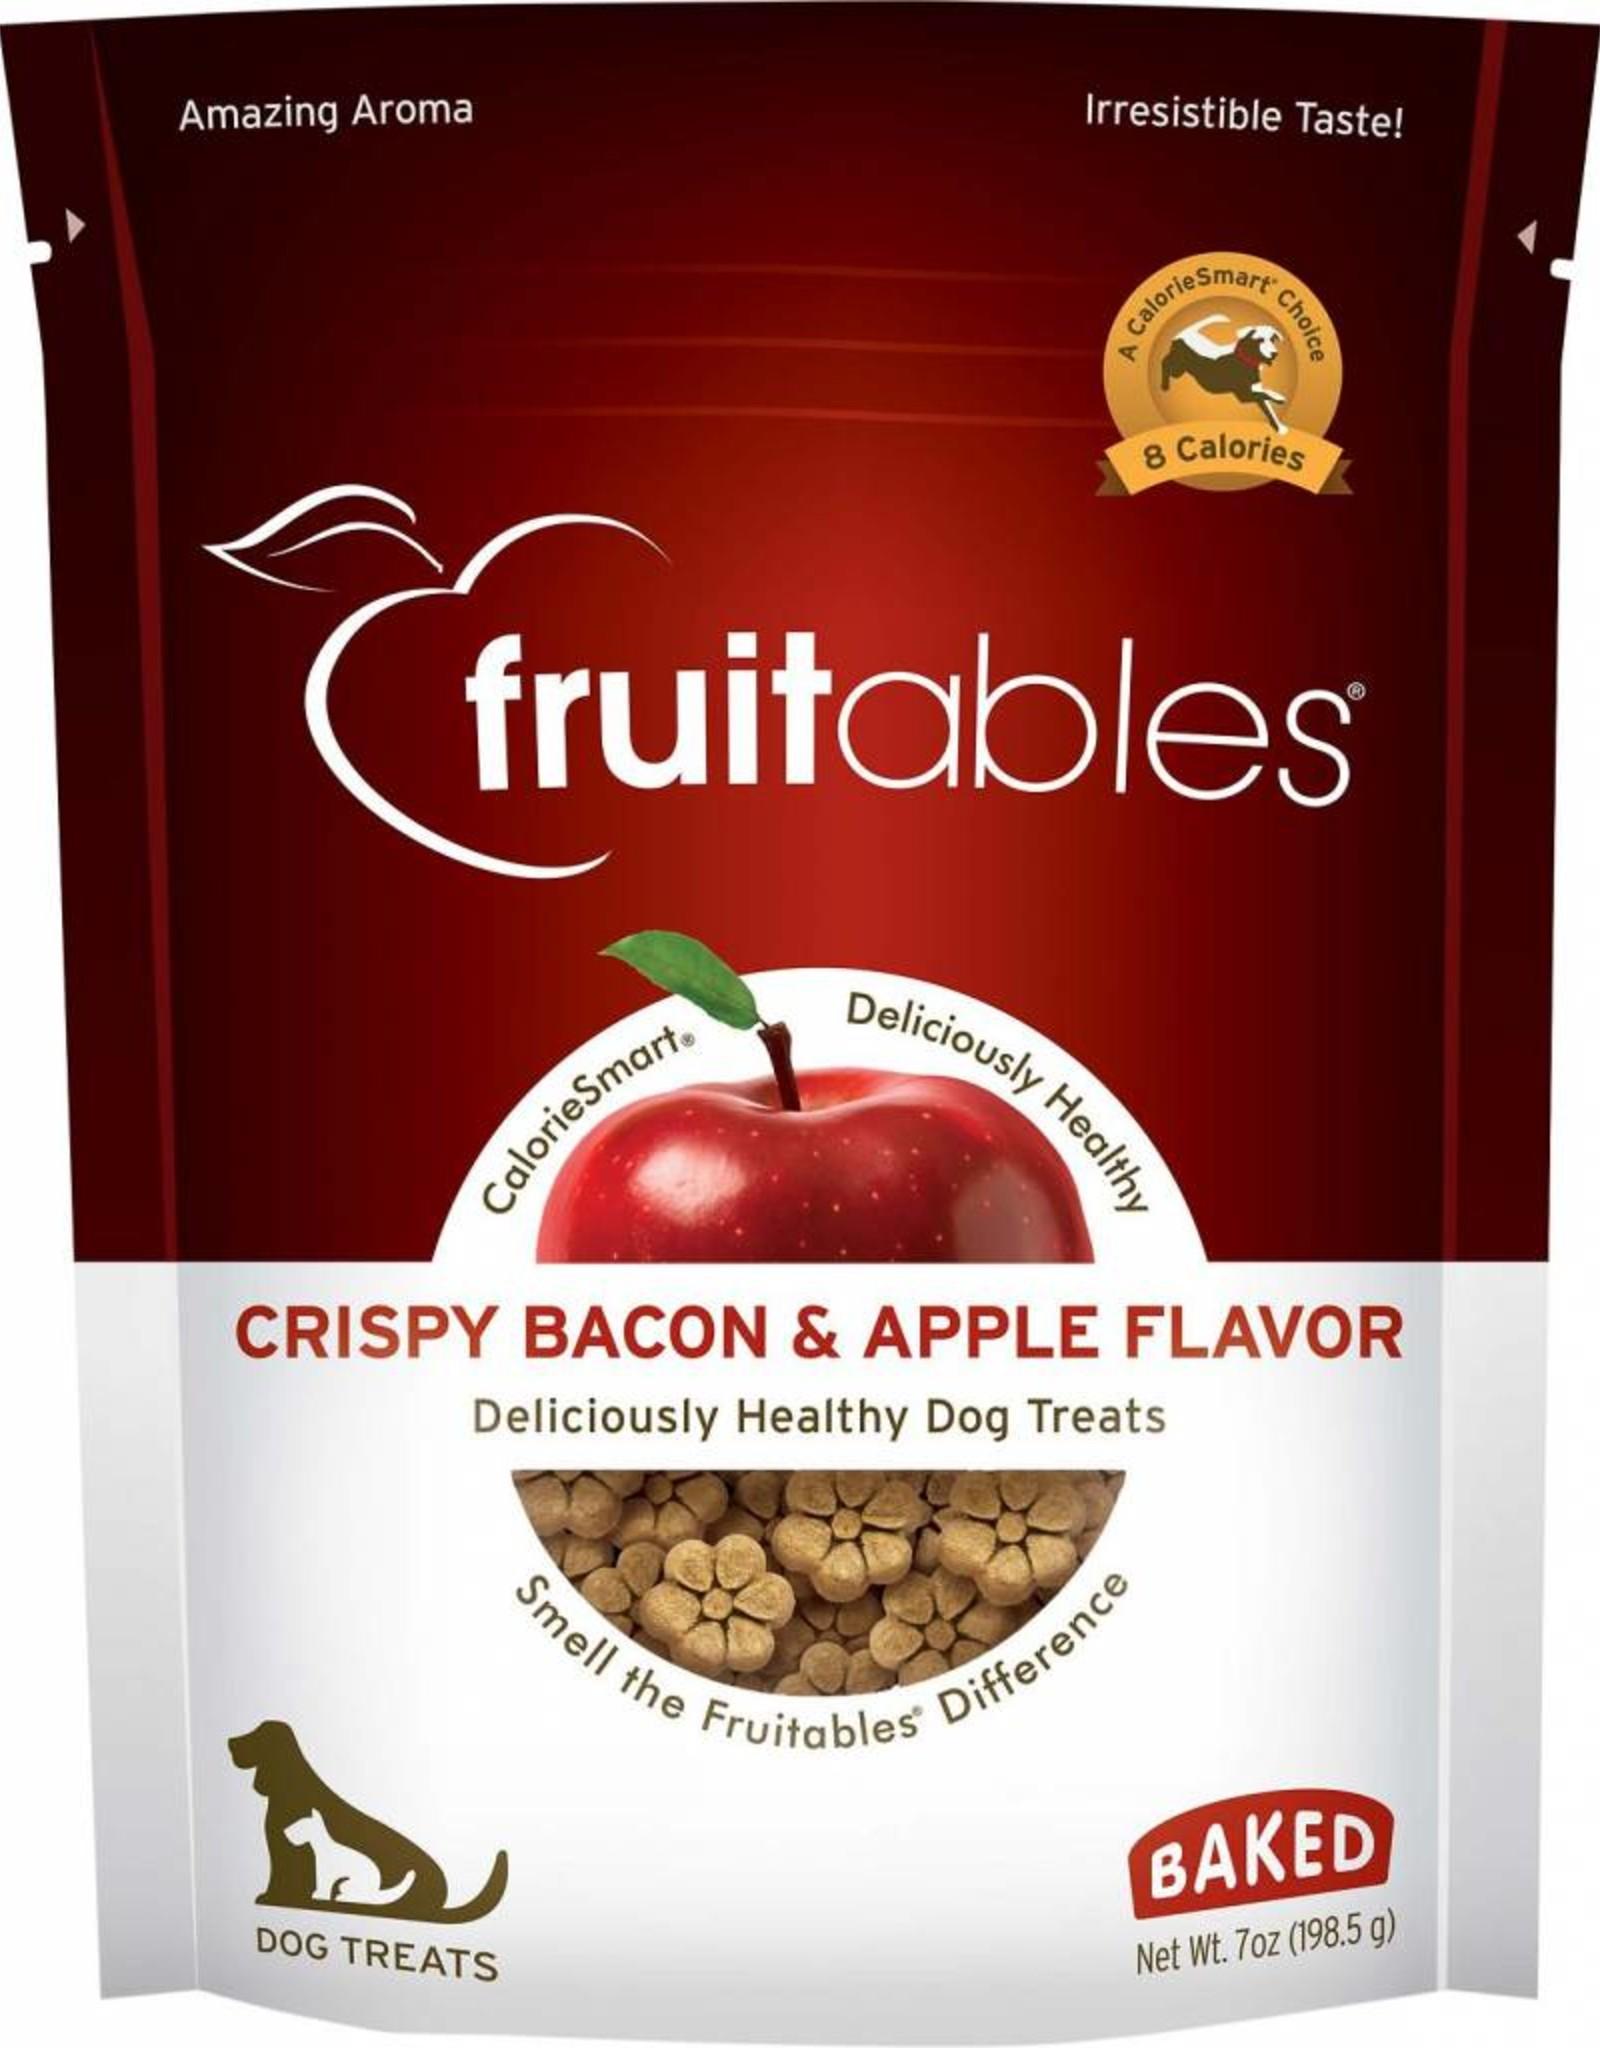 Fruitables Crispy Bacon & Apple Flavor Crunchy Dog Treats, 7 oz.